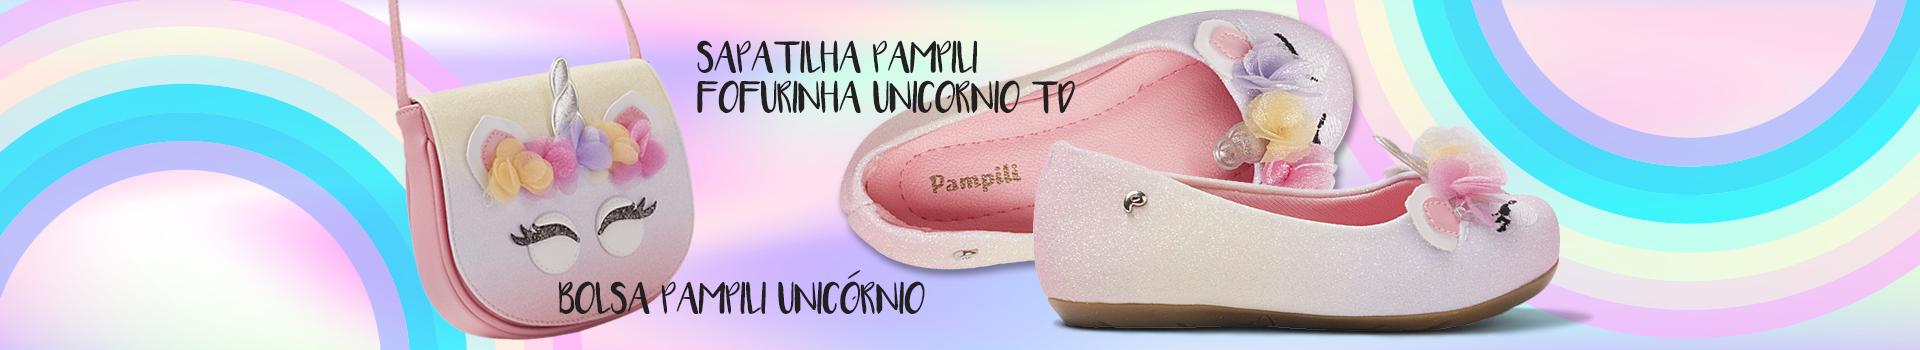 tvdesk_p5-09_11_18-Pampili_Unicornio